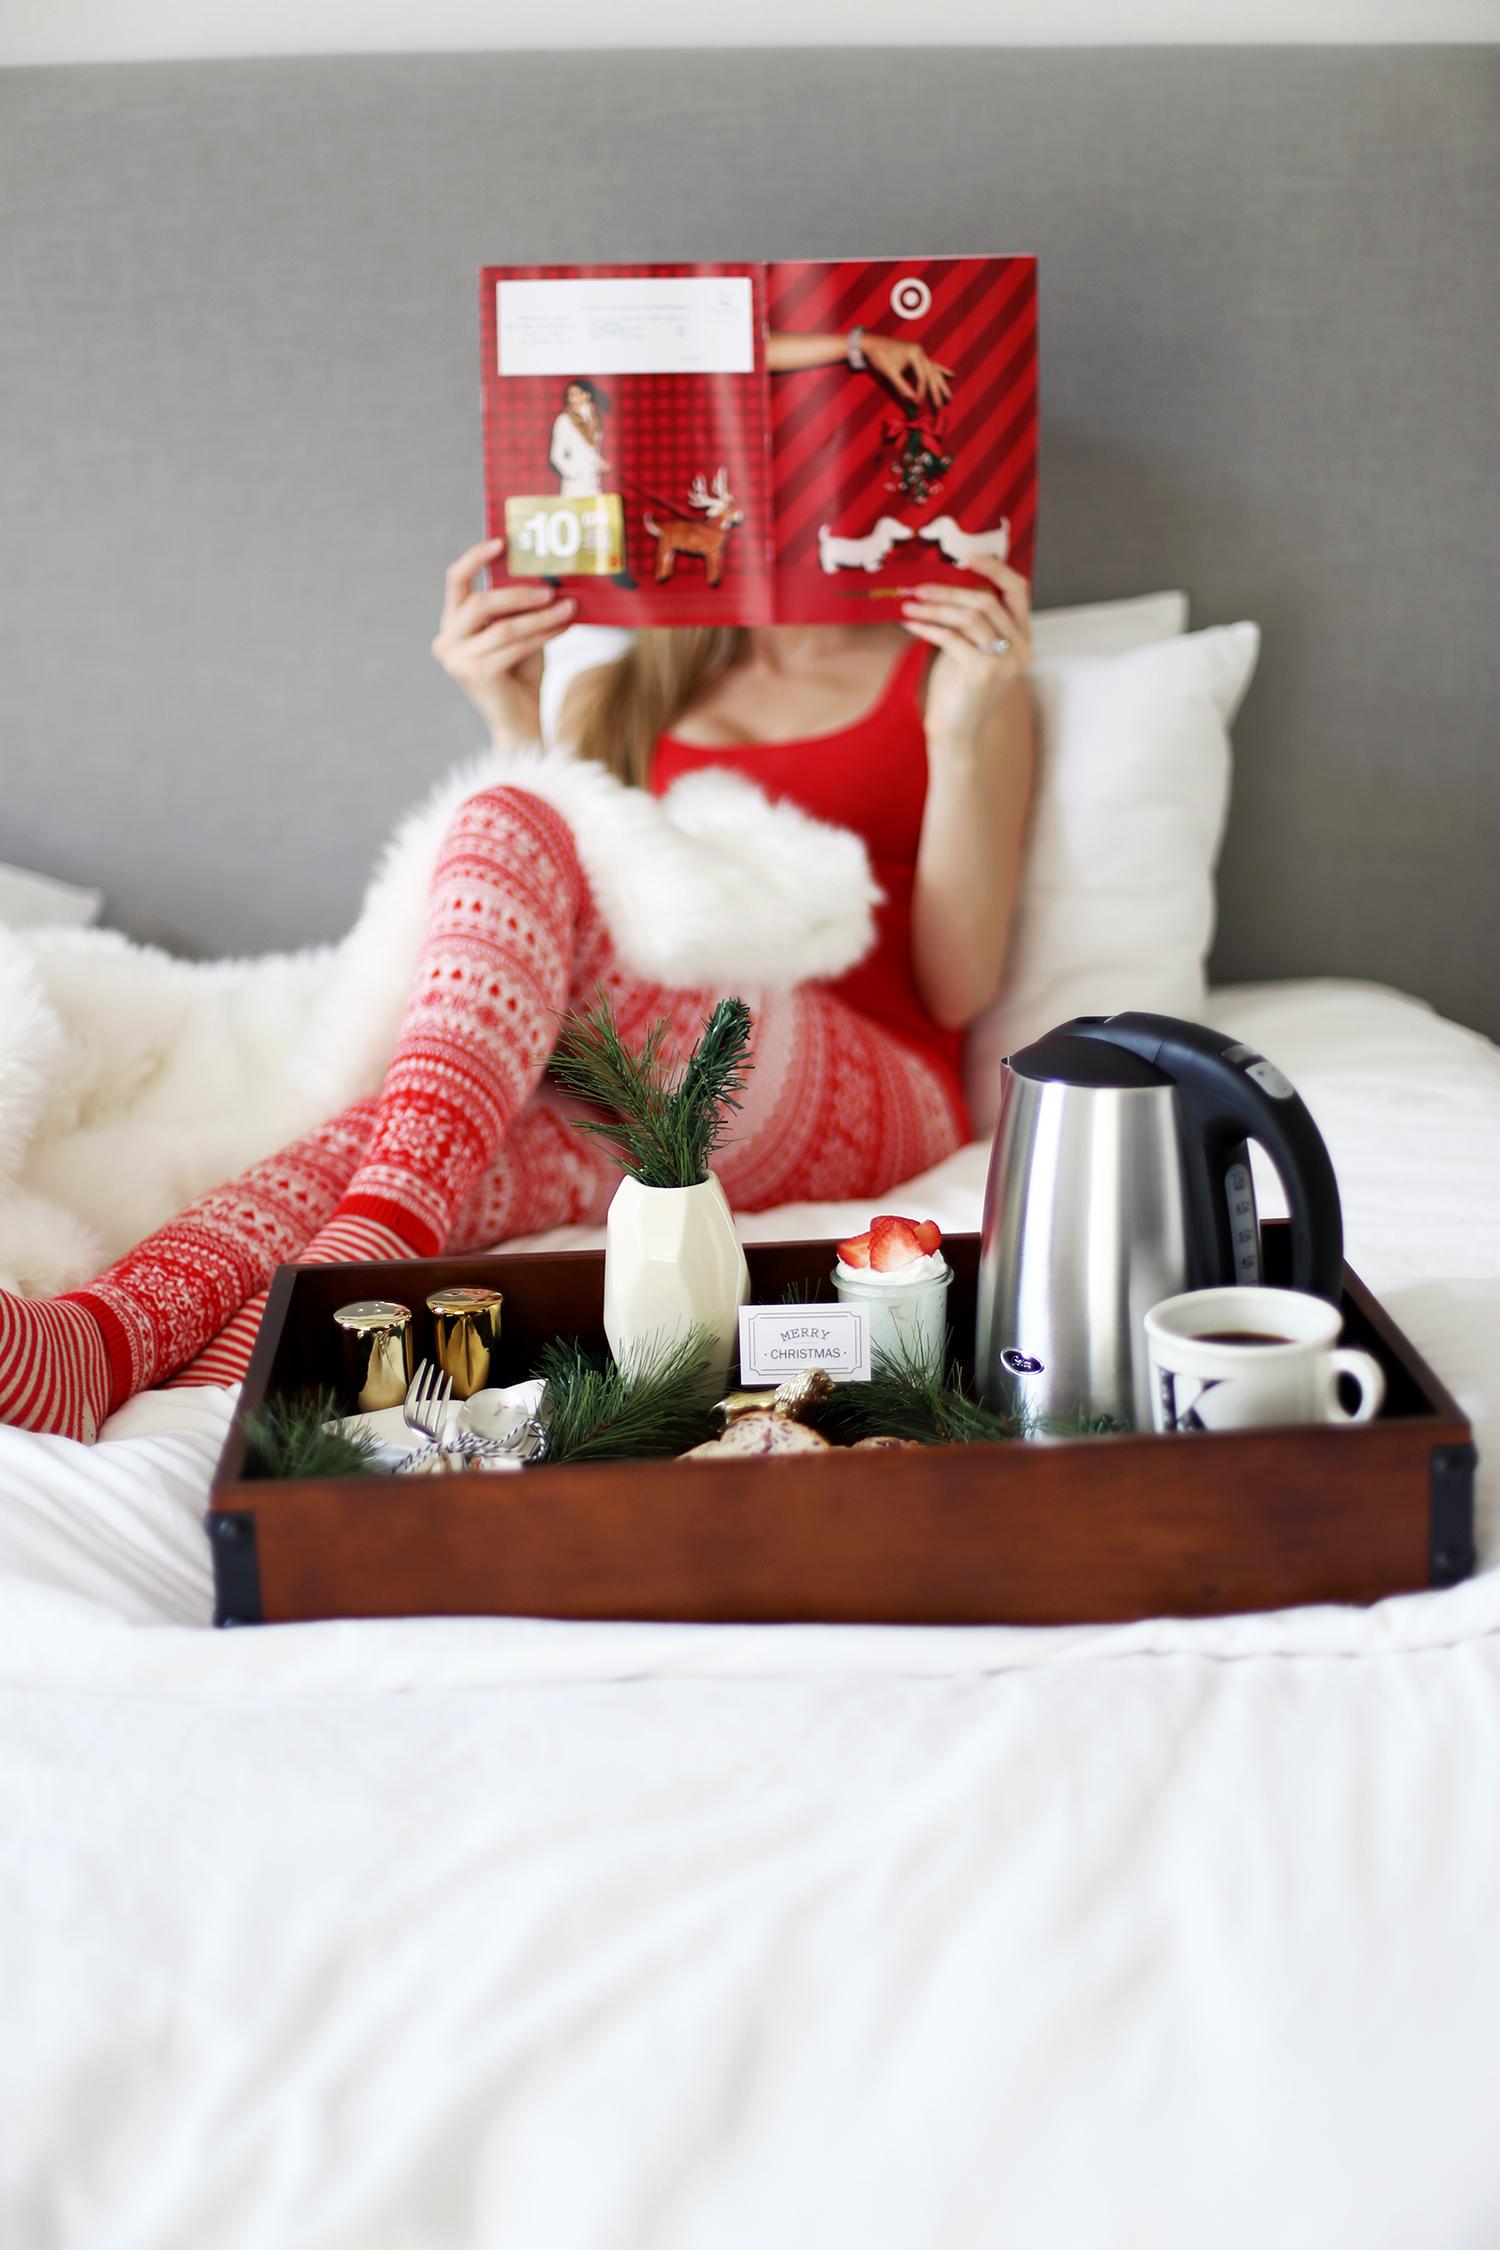 Christmas breakfast in bed ideas